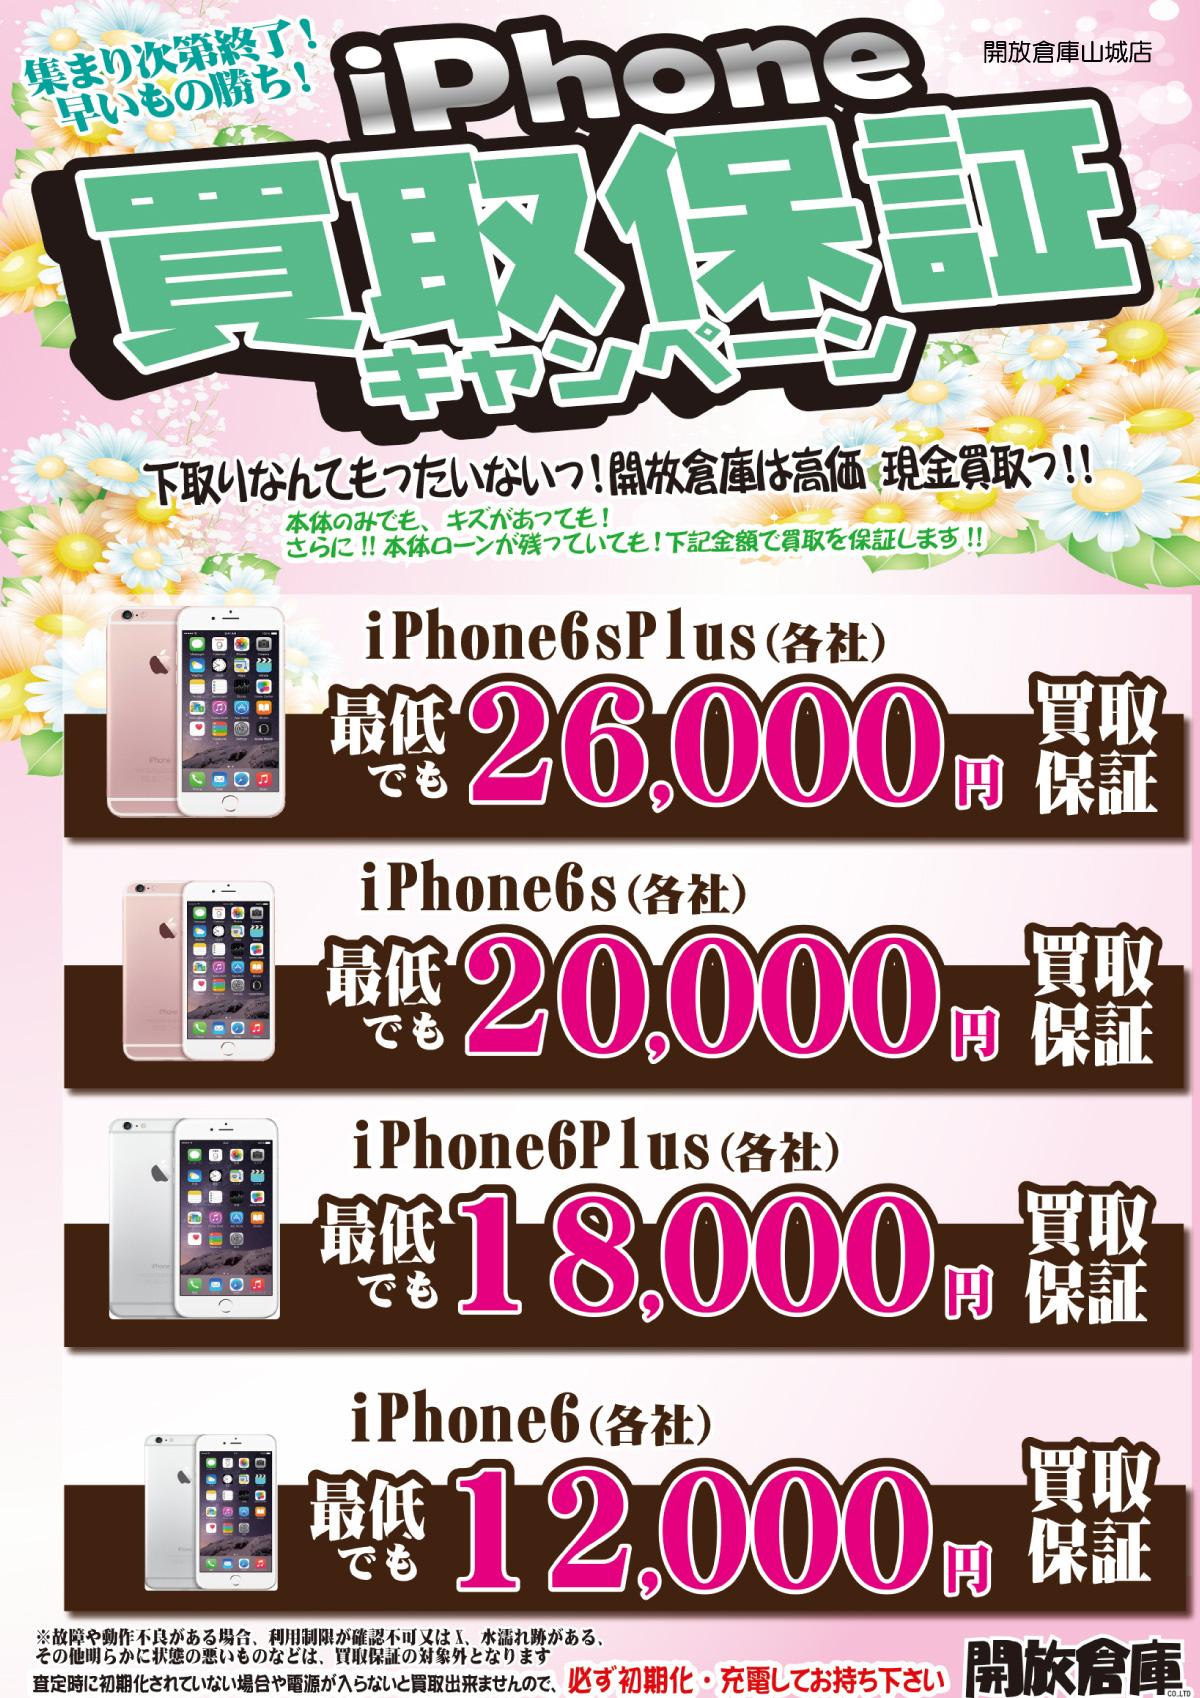 「開放倉庫山城店」集まり次第終了!!早いもの勝ちiPhone買取保証キャンペーン!!